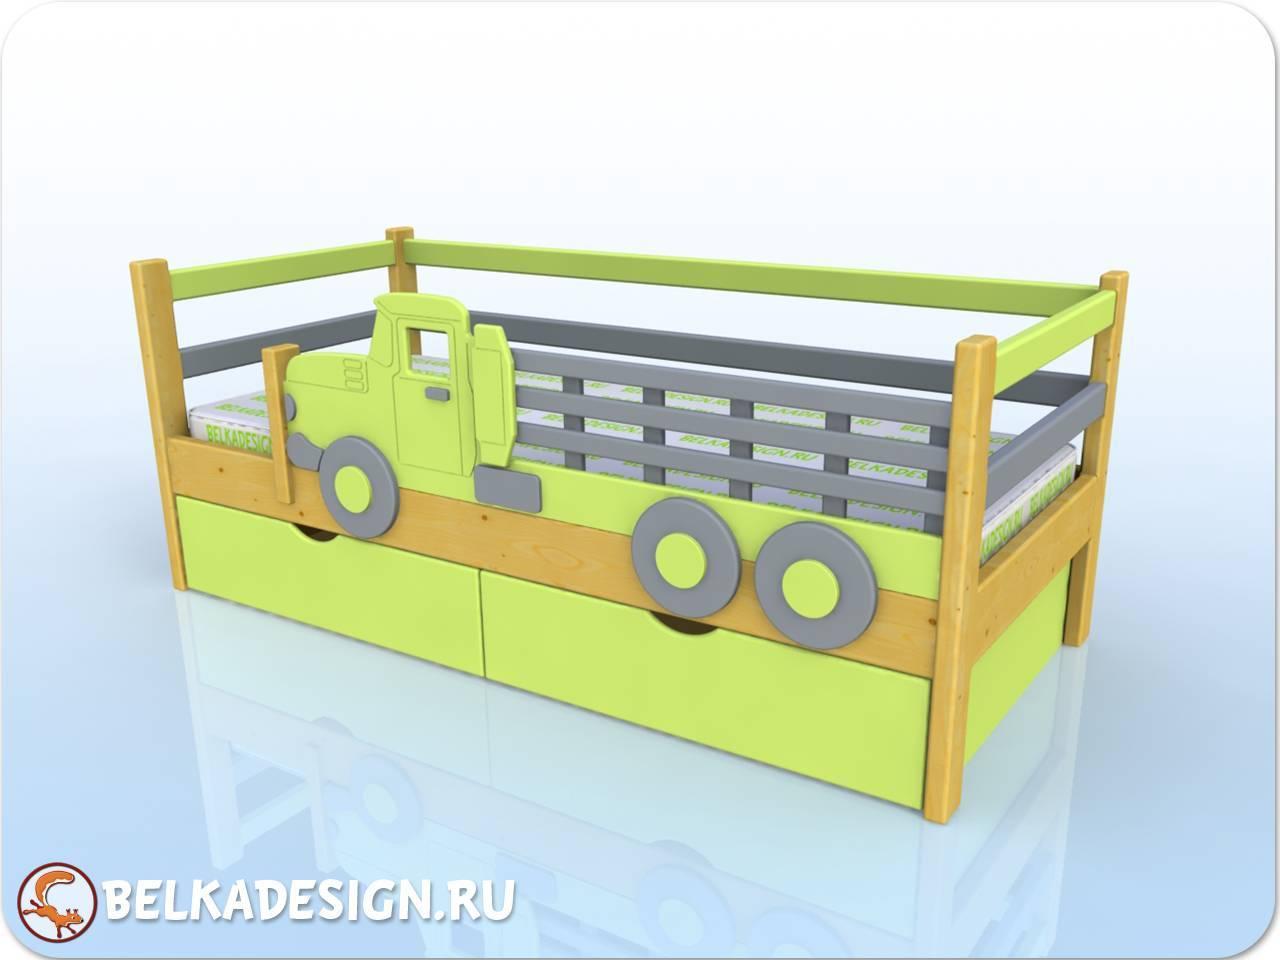 Кровать низкая с машиной - сосна